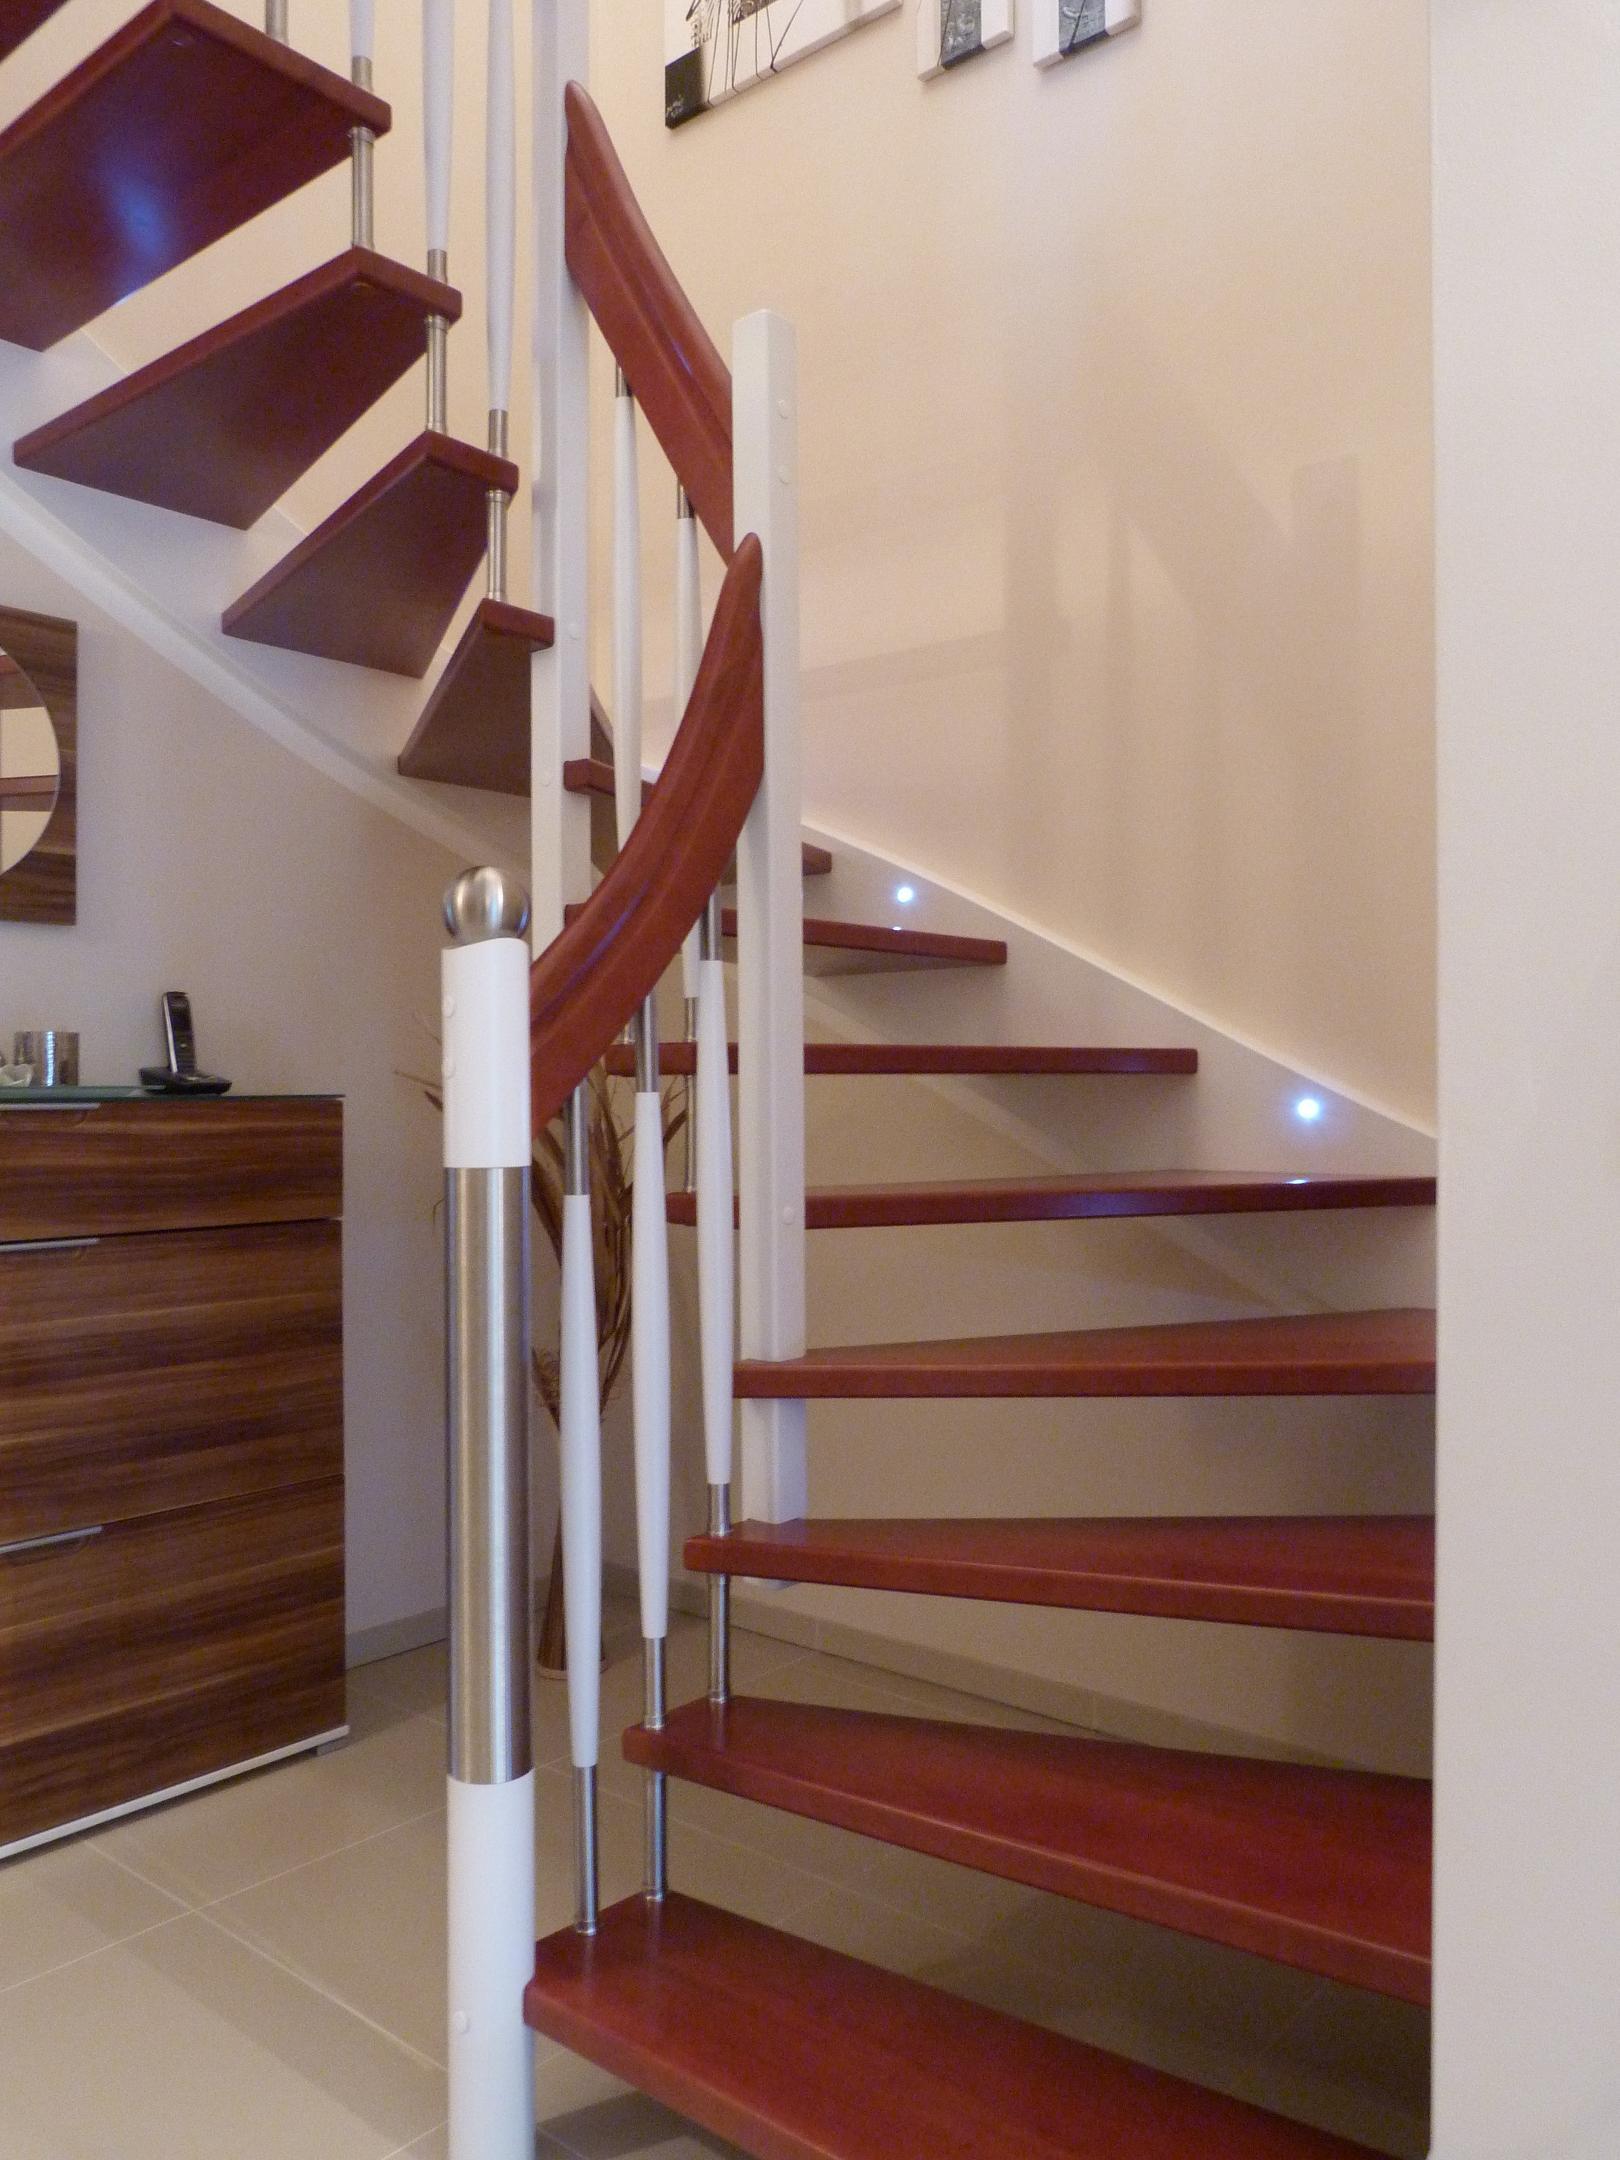 103 WangenBolzentreppe Massivholzkernbuche Farbe Nussbaum und weisser Lack